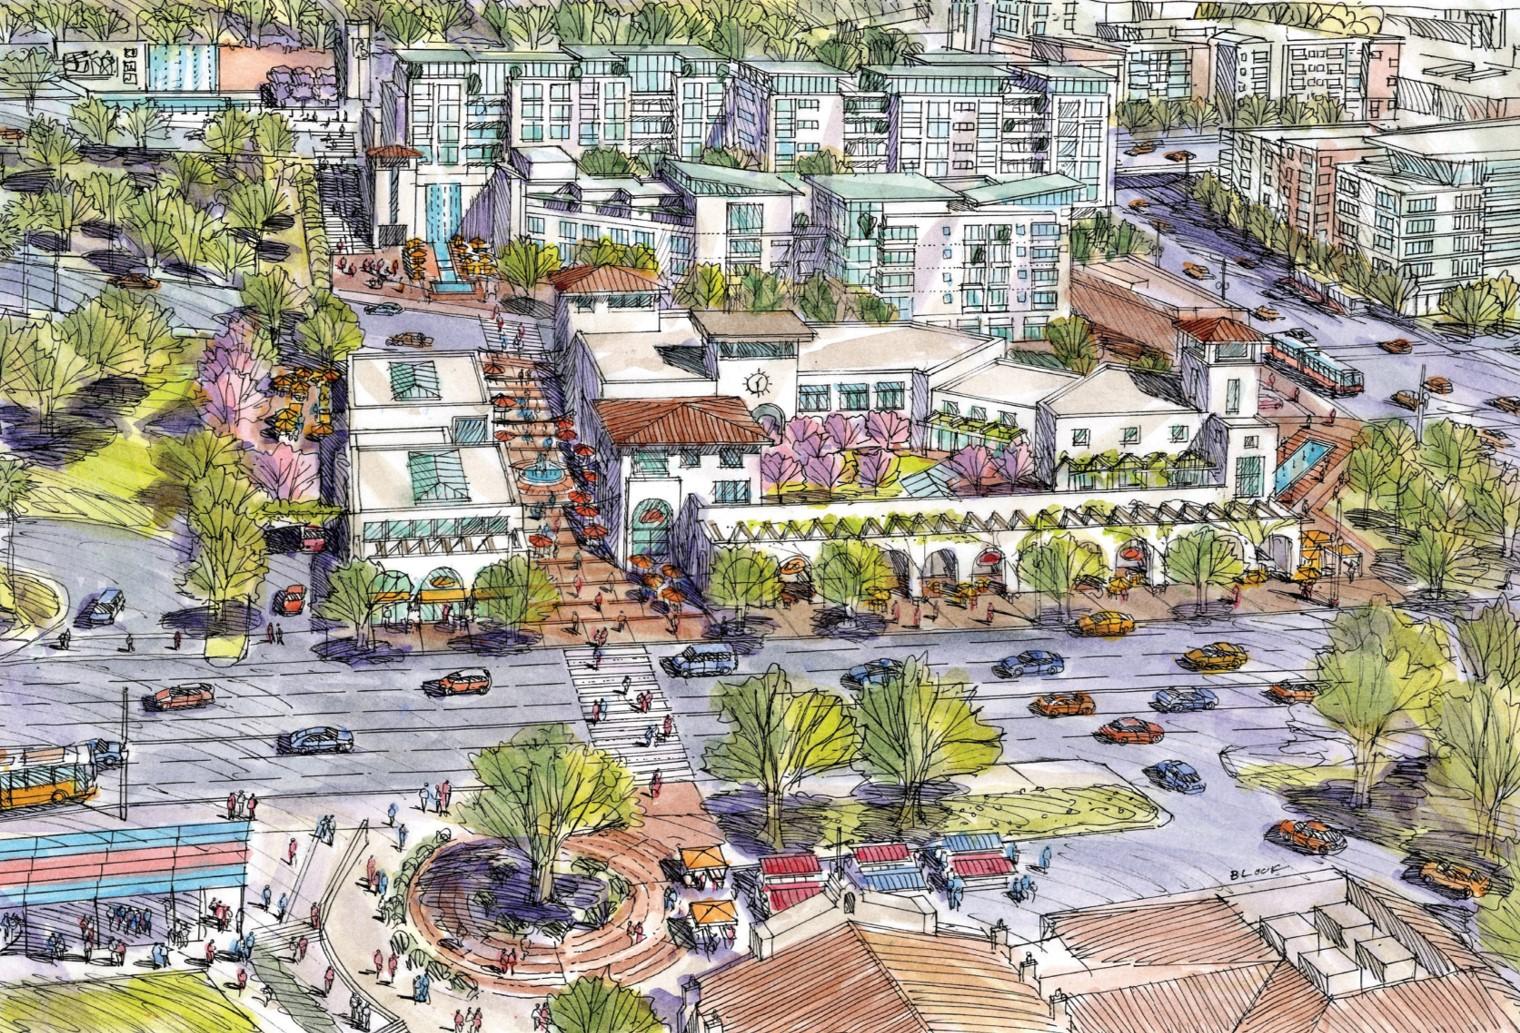 County of Los Angeles - LA Plaza de Cultura Village